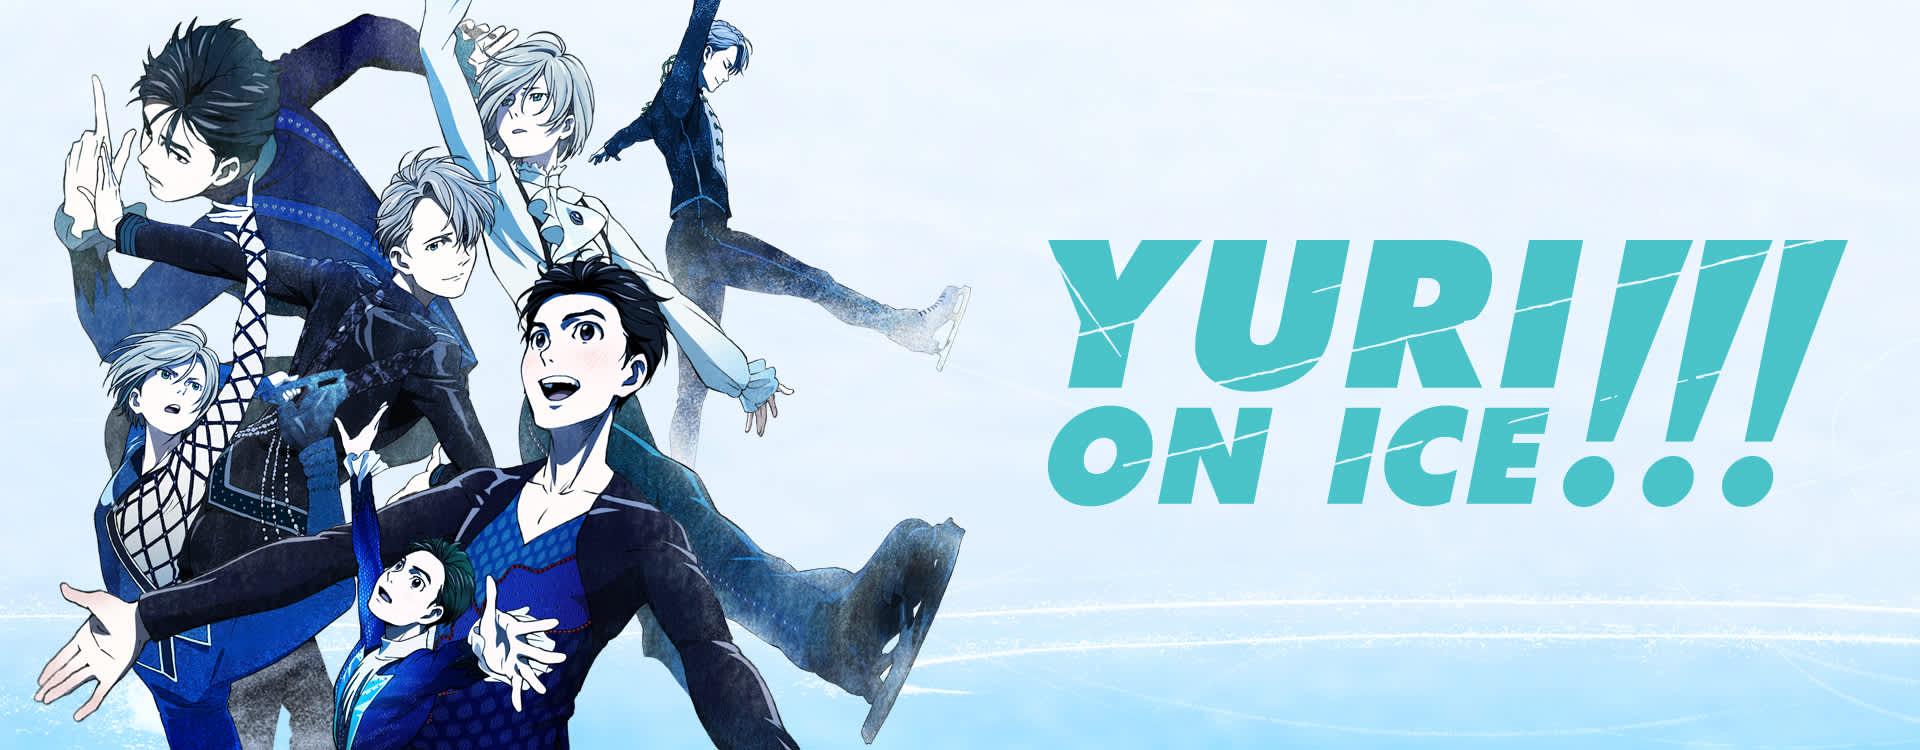 yuri on ice serien stream